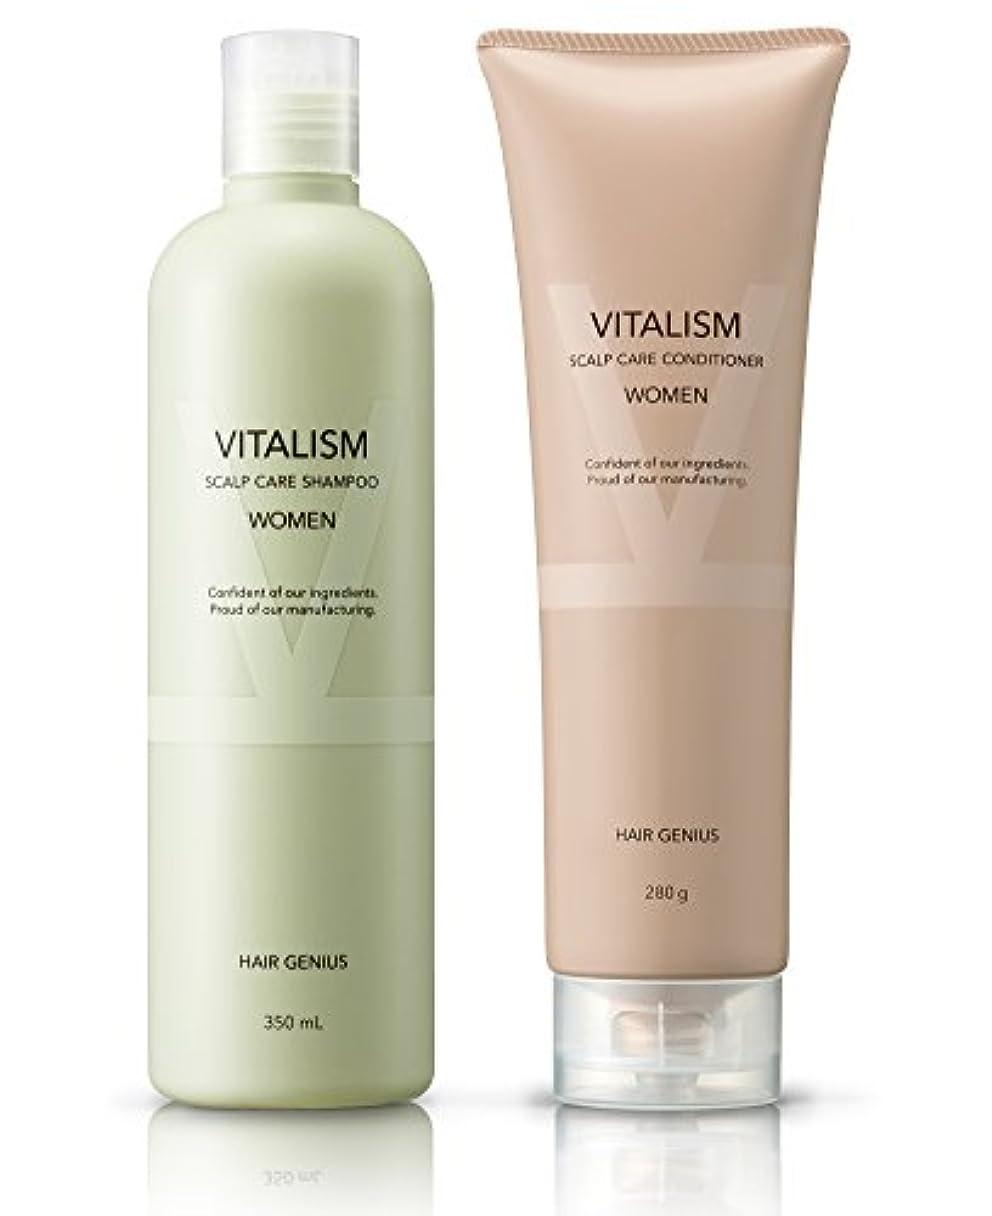 香水平均姿勢バイタリズム(VITALISM) スカルプケア レディース 2点セット (シャンプー & コンディショナー) ノンシリコン 女性用